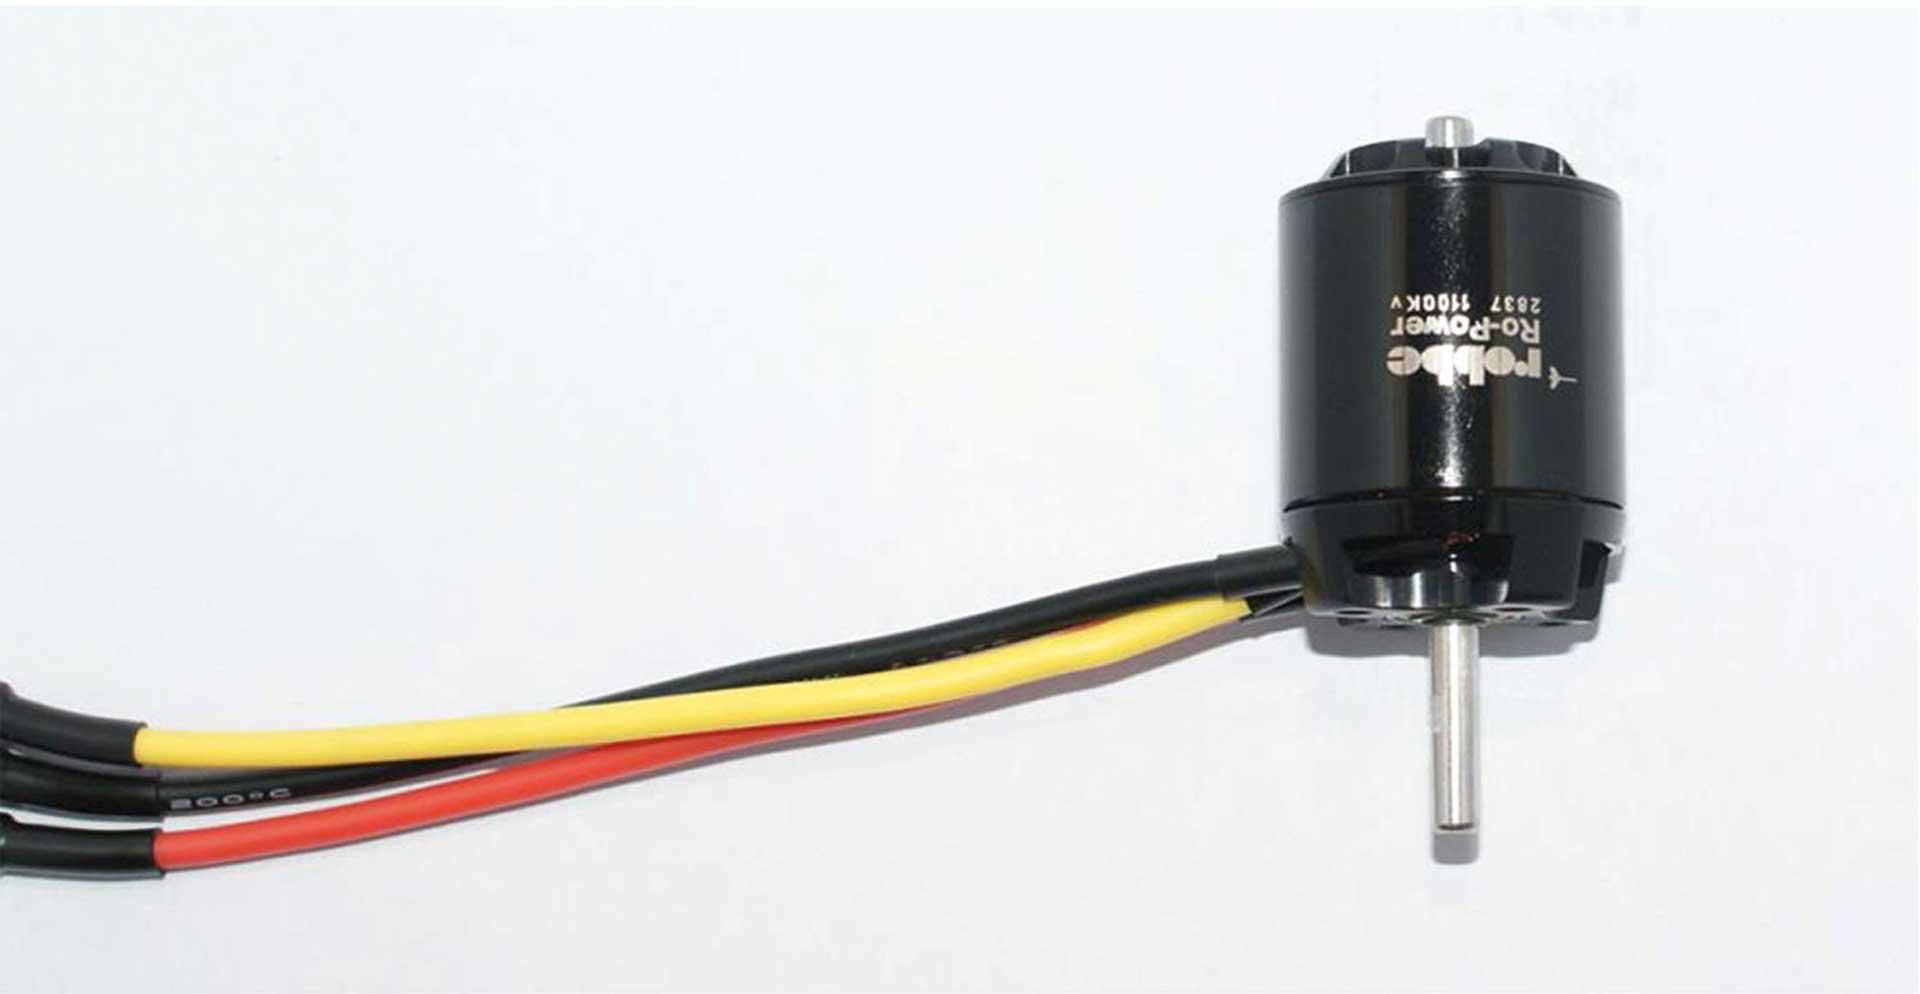 ROBBE RO-POWER TORQUE 2837 1100 K/V BRUSHLESS